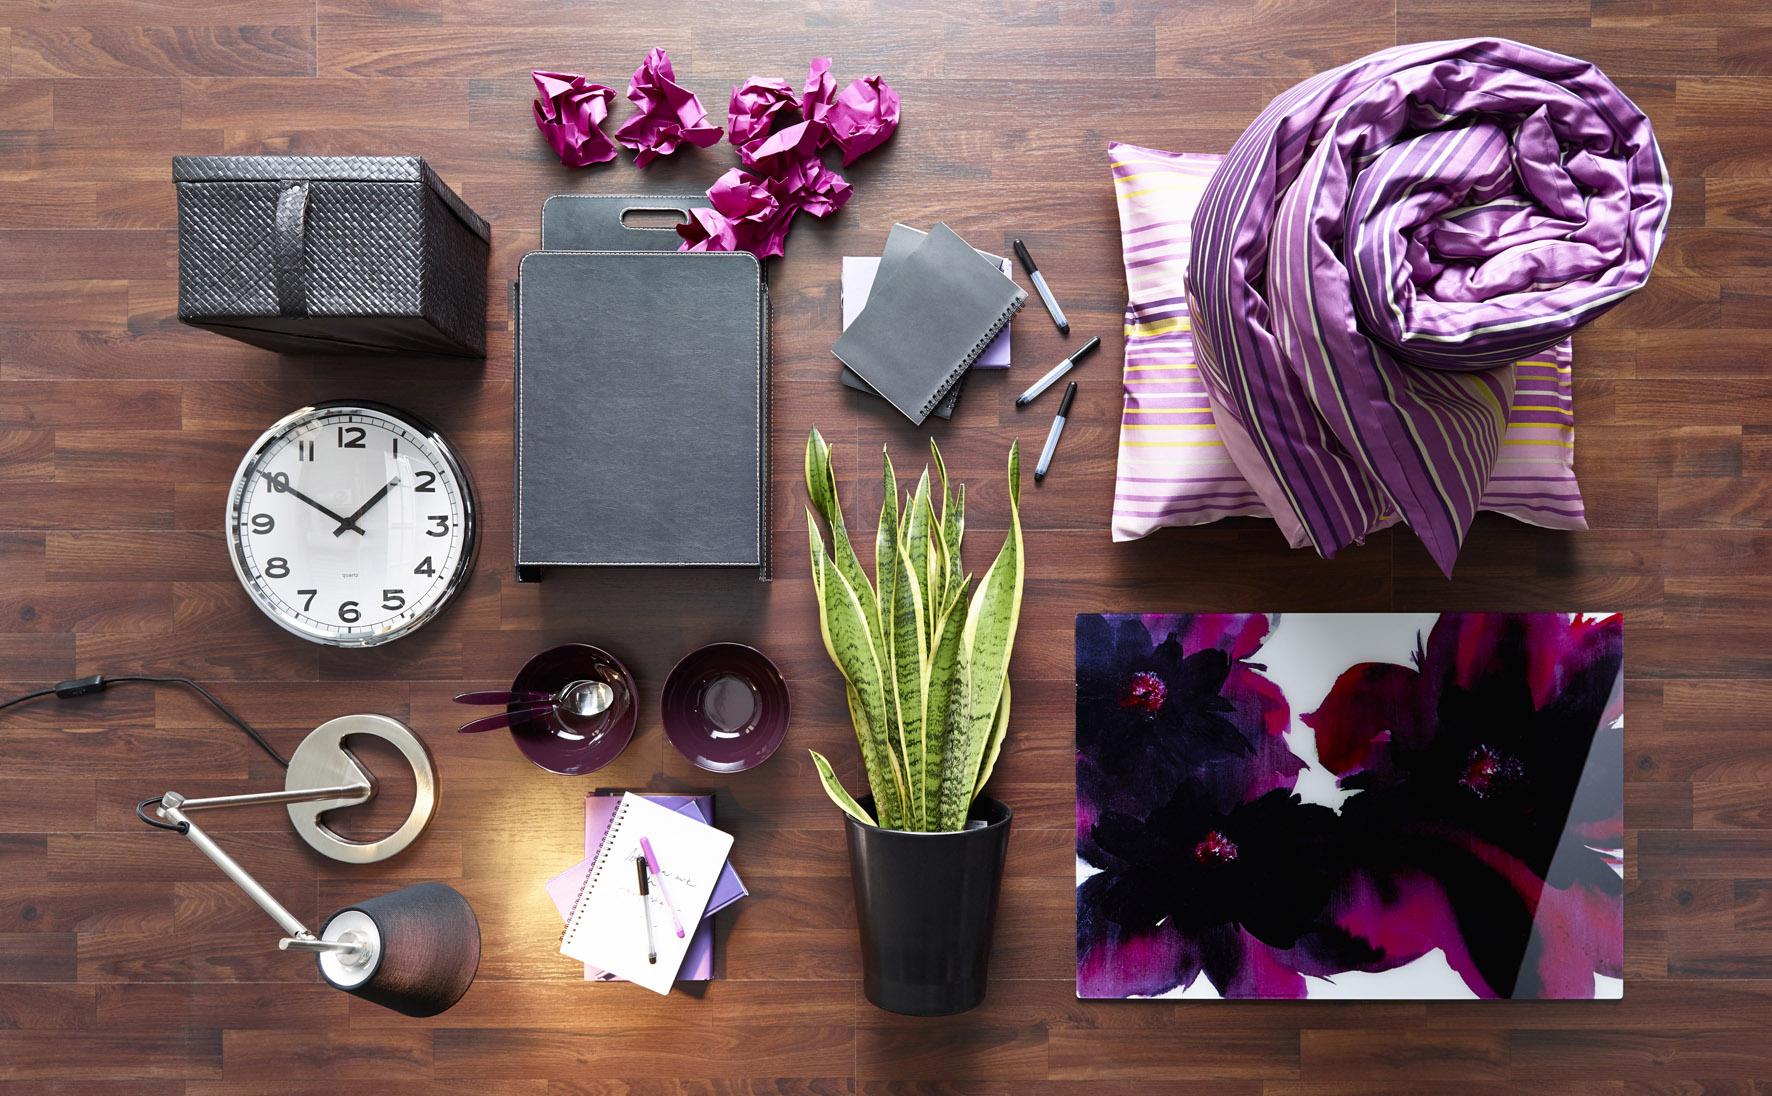 Ikea accessoires voor studentenkamer